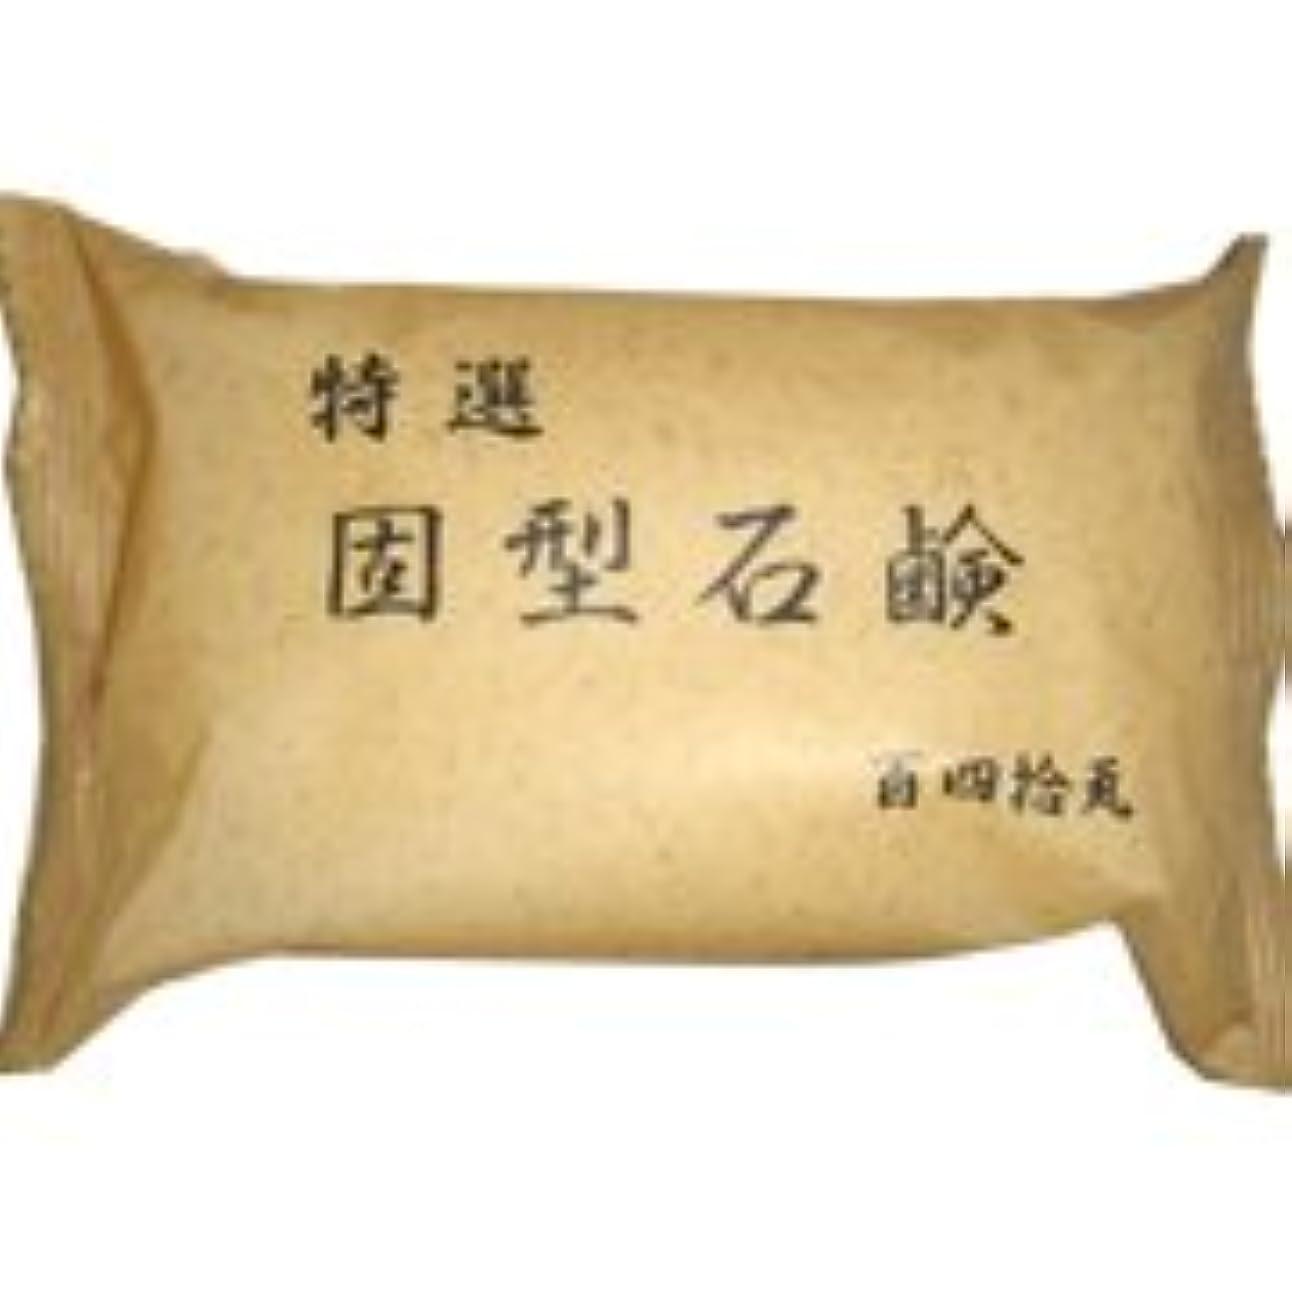 有効なハブブ内陸特選 固型石鹸 140g    エスケー石鹸